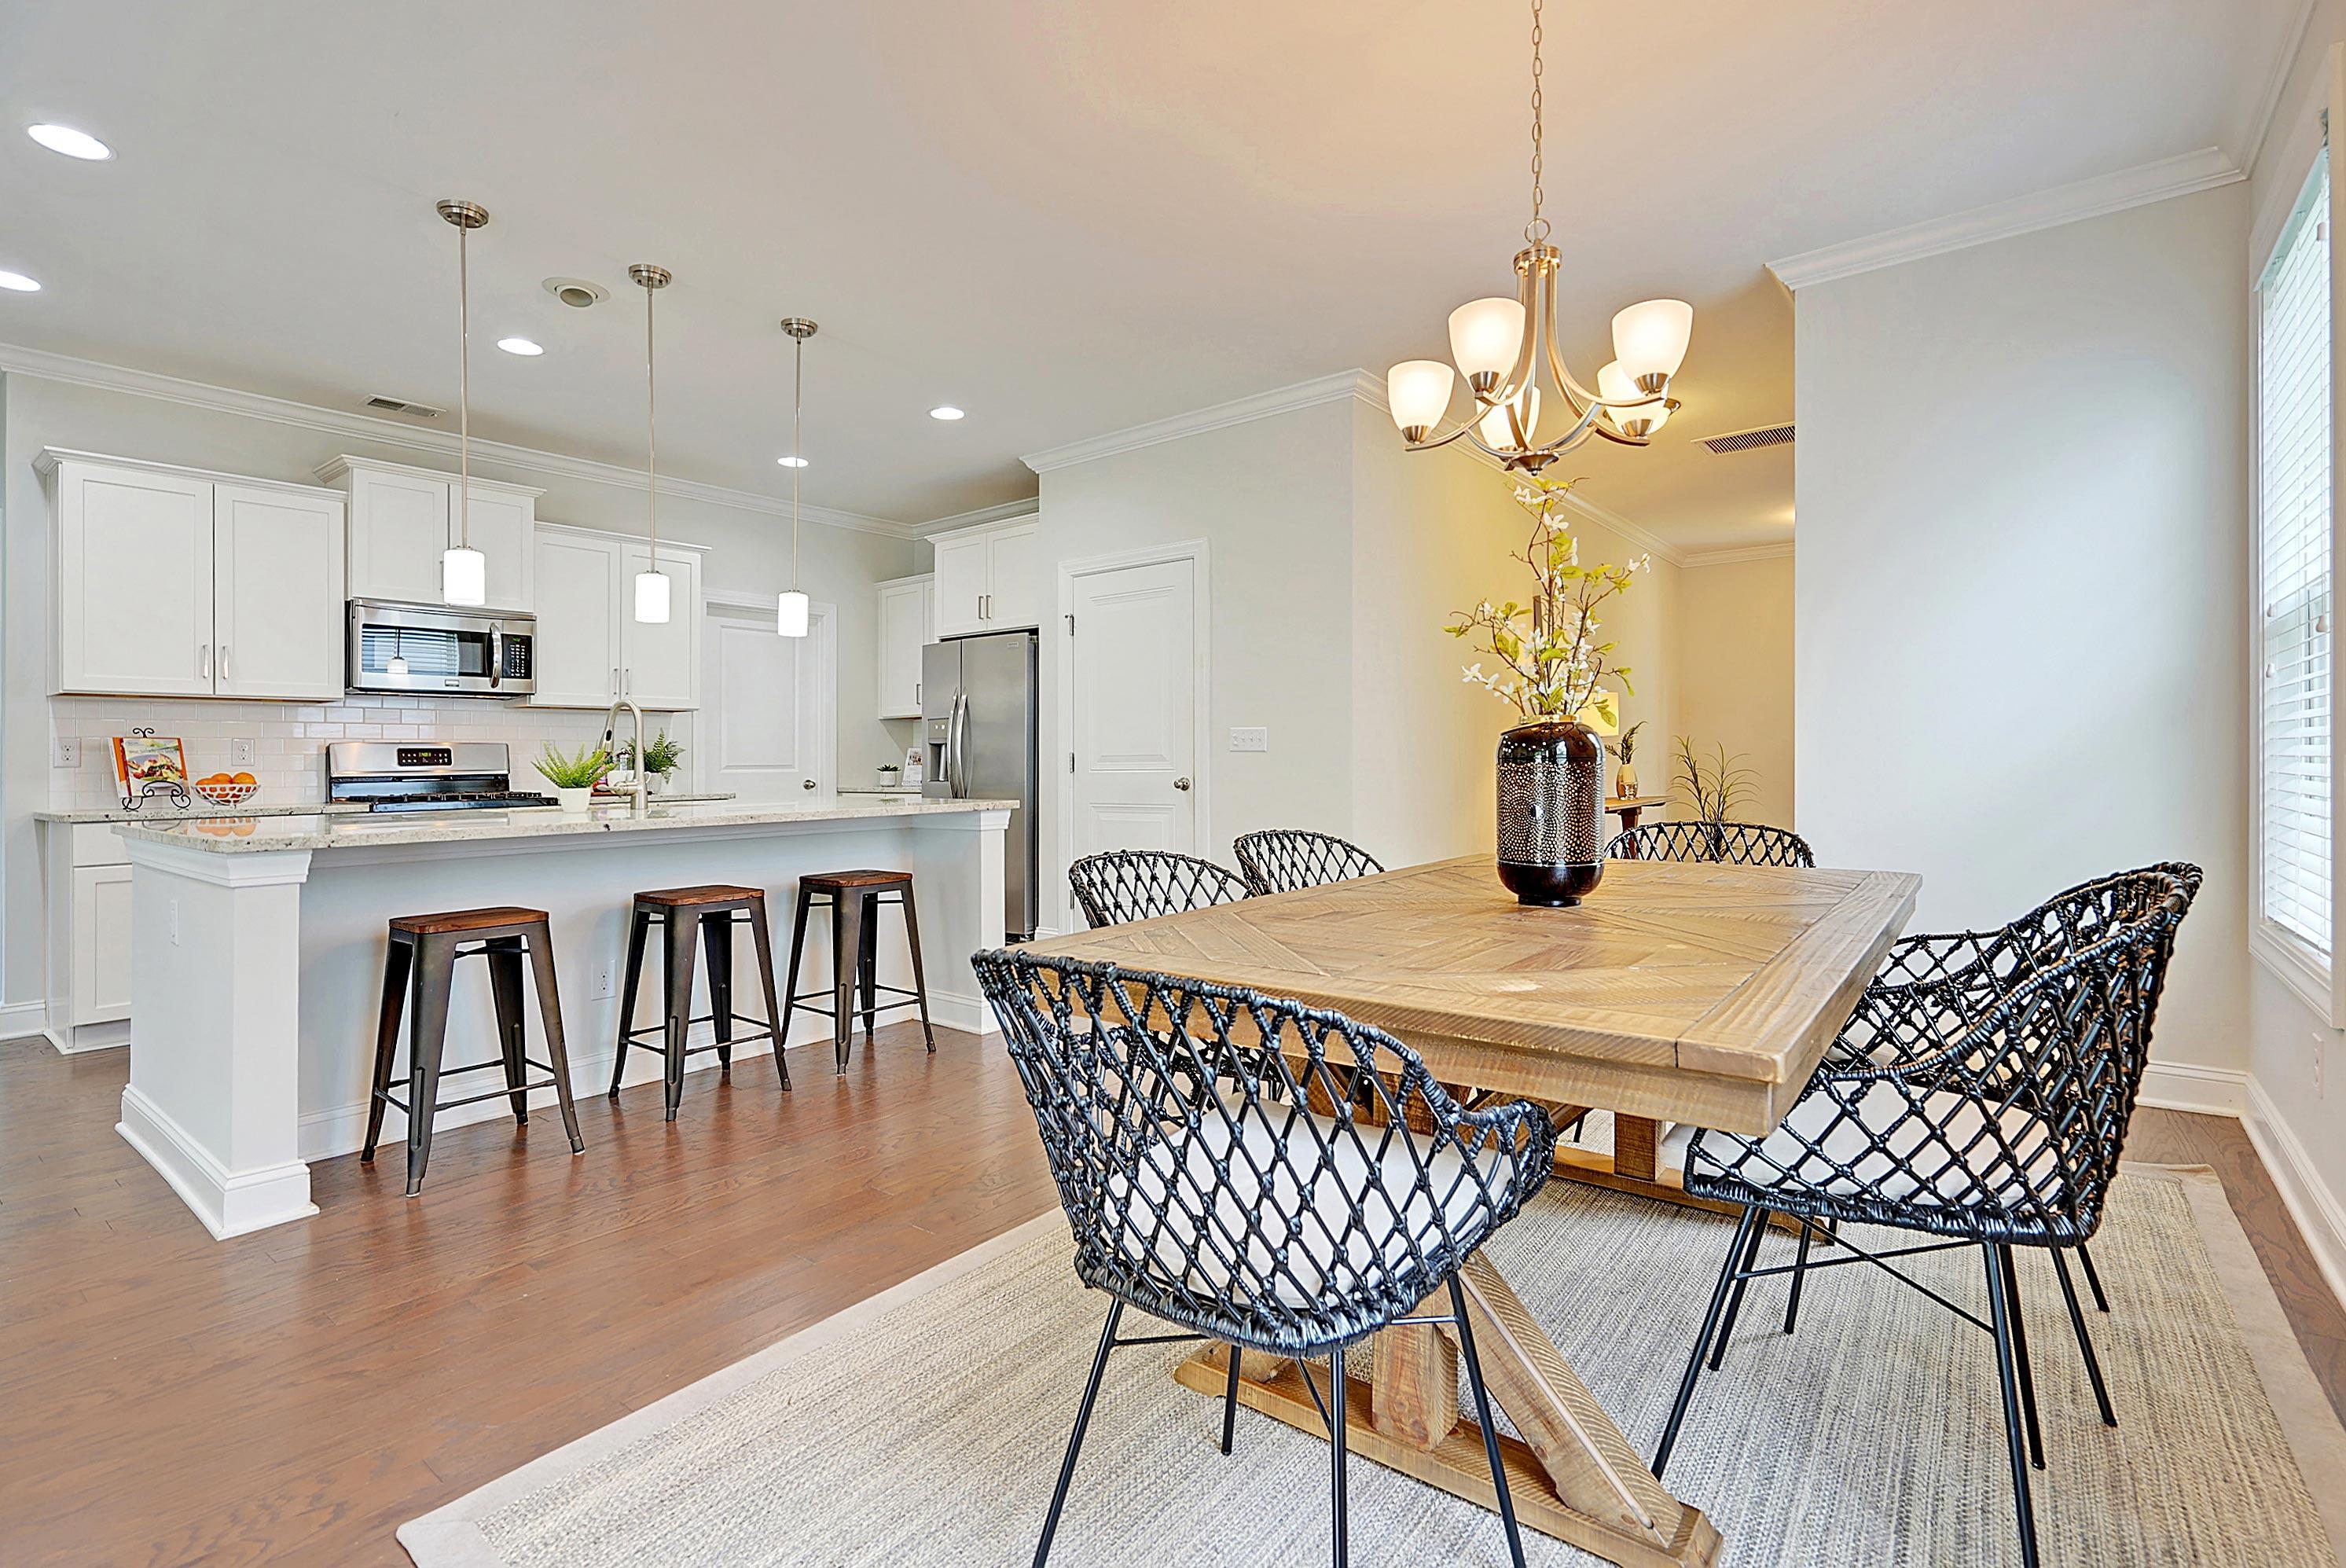 Park West Homes For Sale - 1638 Mermentau, Mount Pleasant, SC - 11